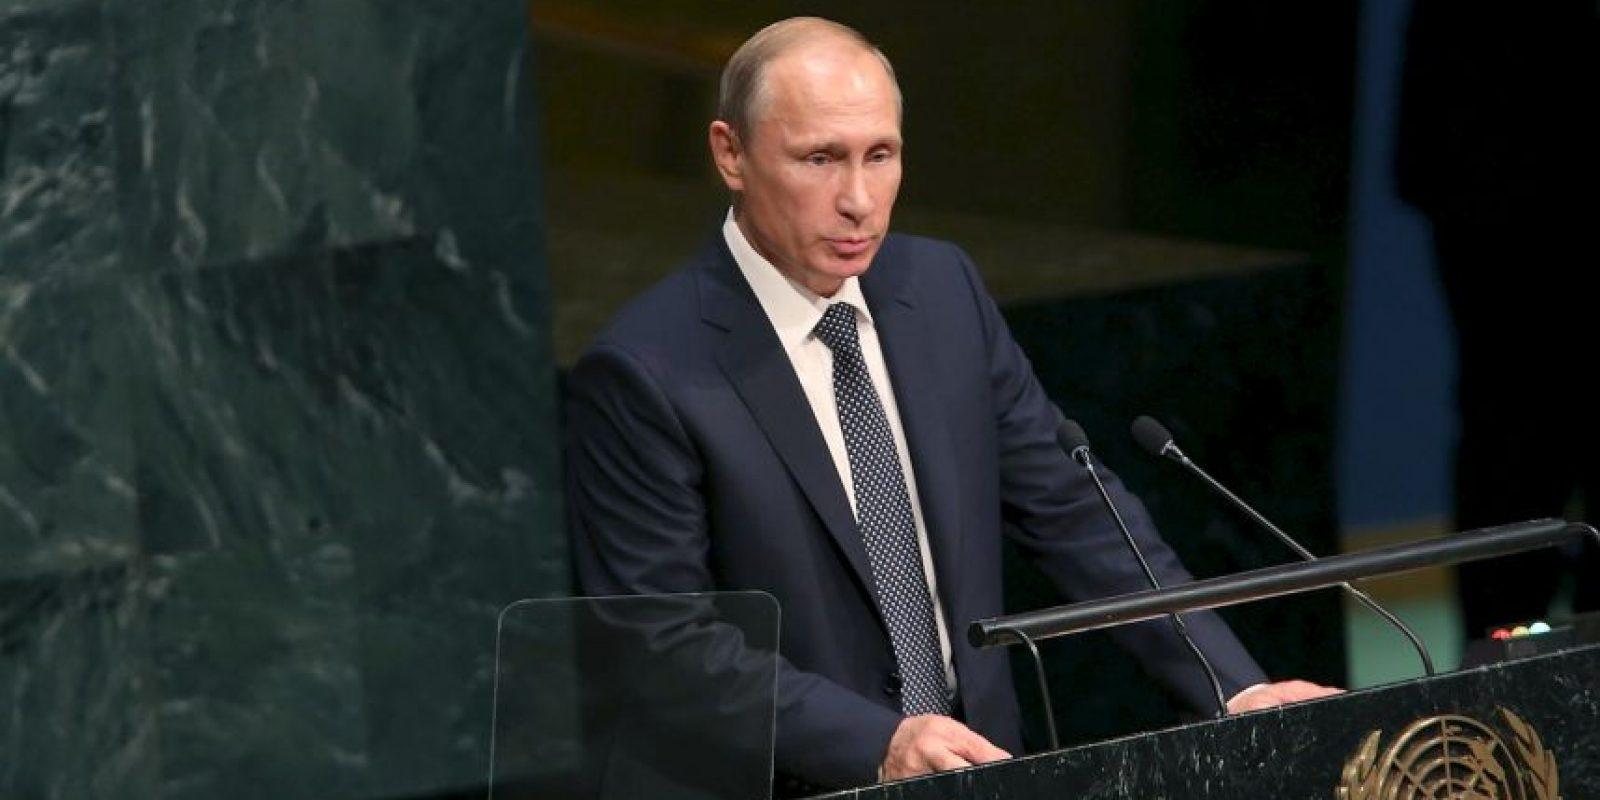 Por su parte, Vladimir Putin aseguró que la mejor opción es apoyar al líder regente. Foto:Getty Images